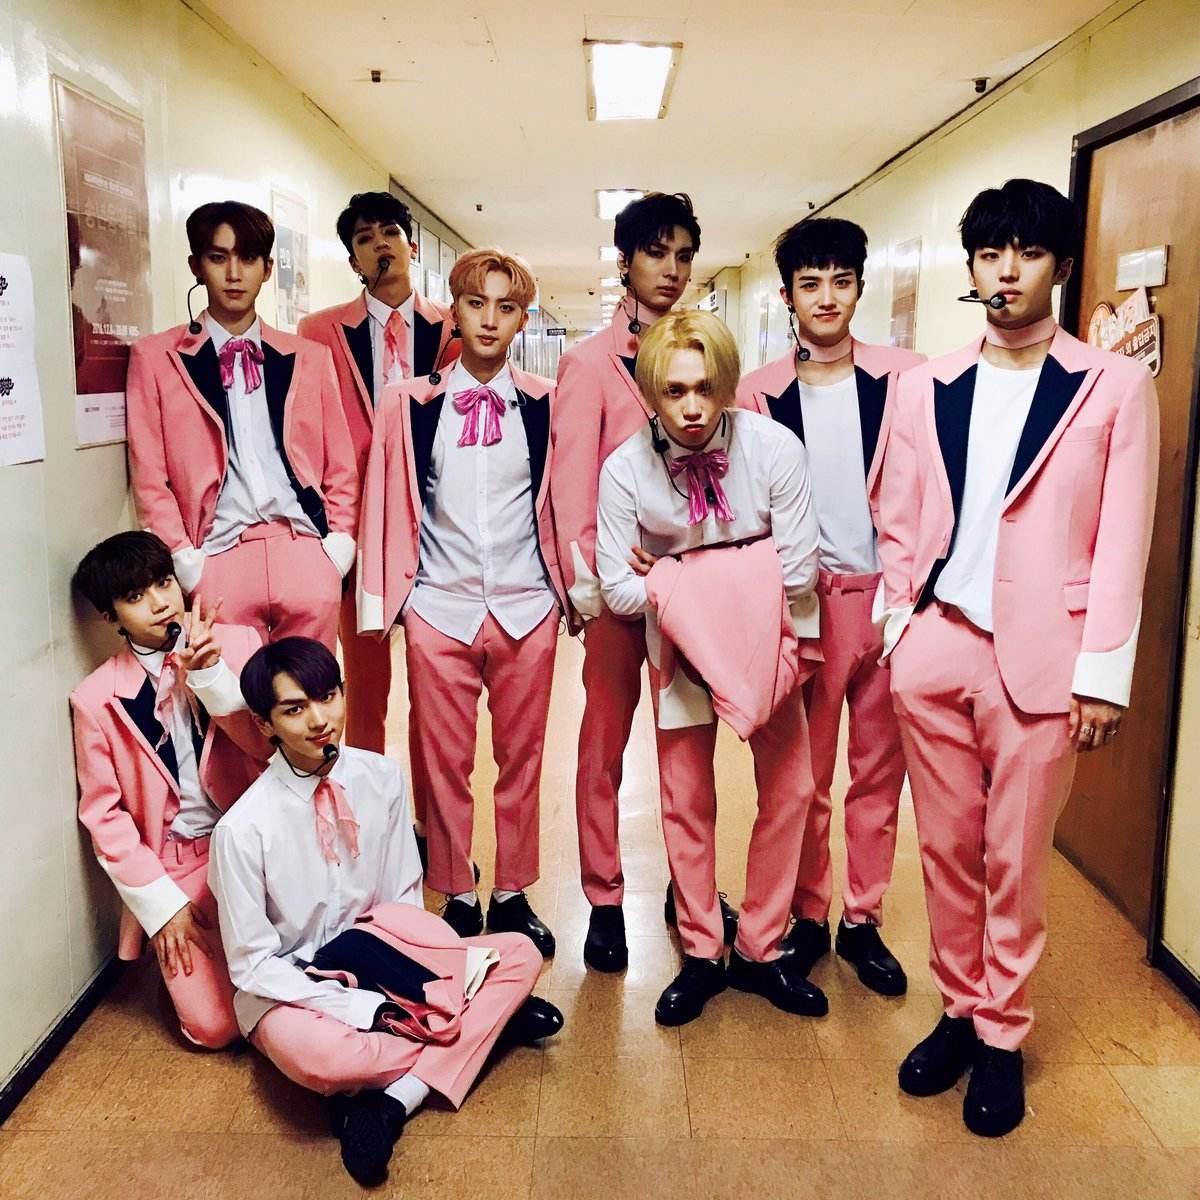 PENTAGON和粉紅色這麼適合合理嗎!!還沒有聽過新歌的粉絲們記得快手刀去點開啊~